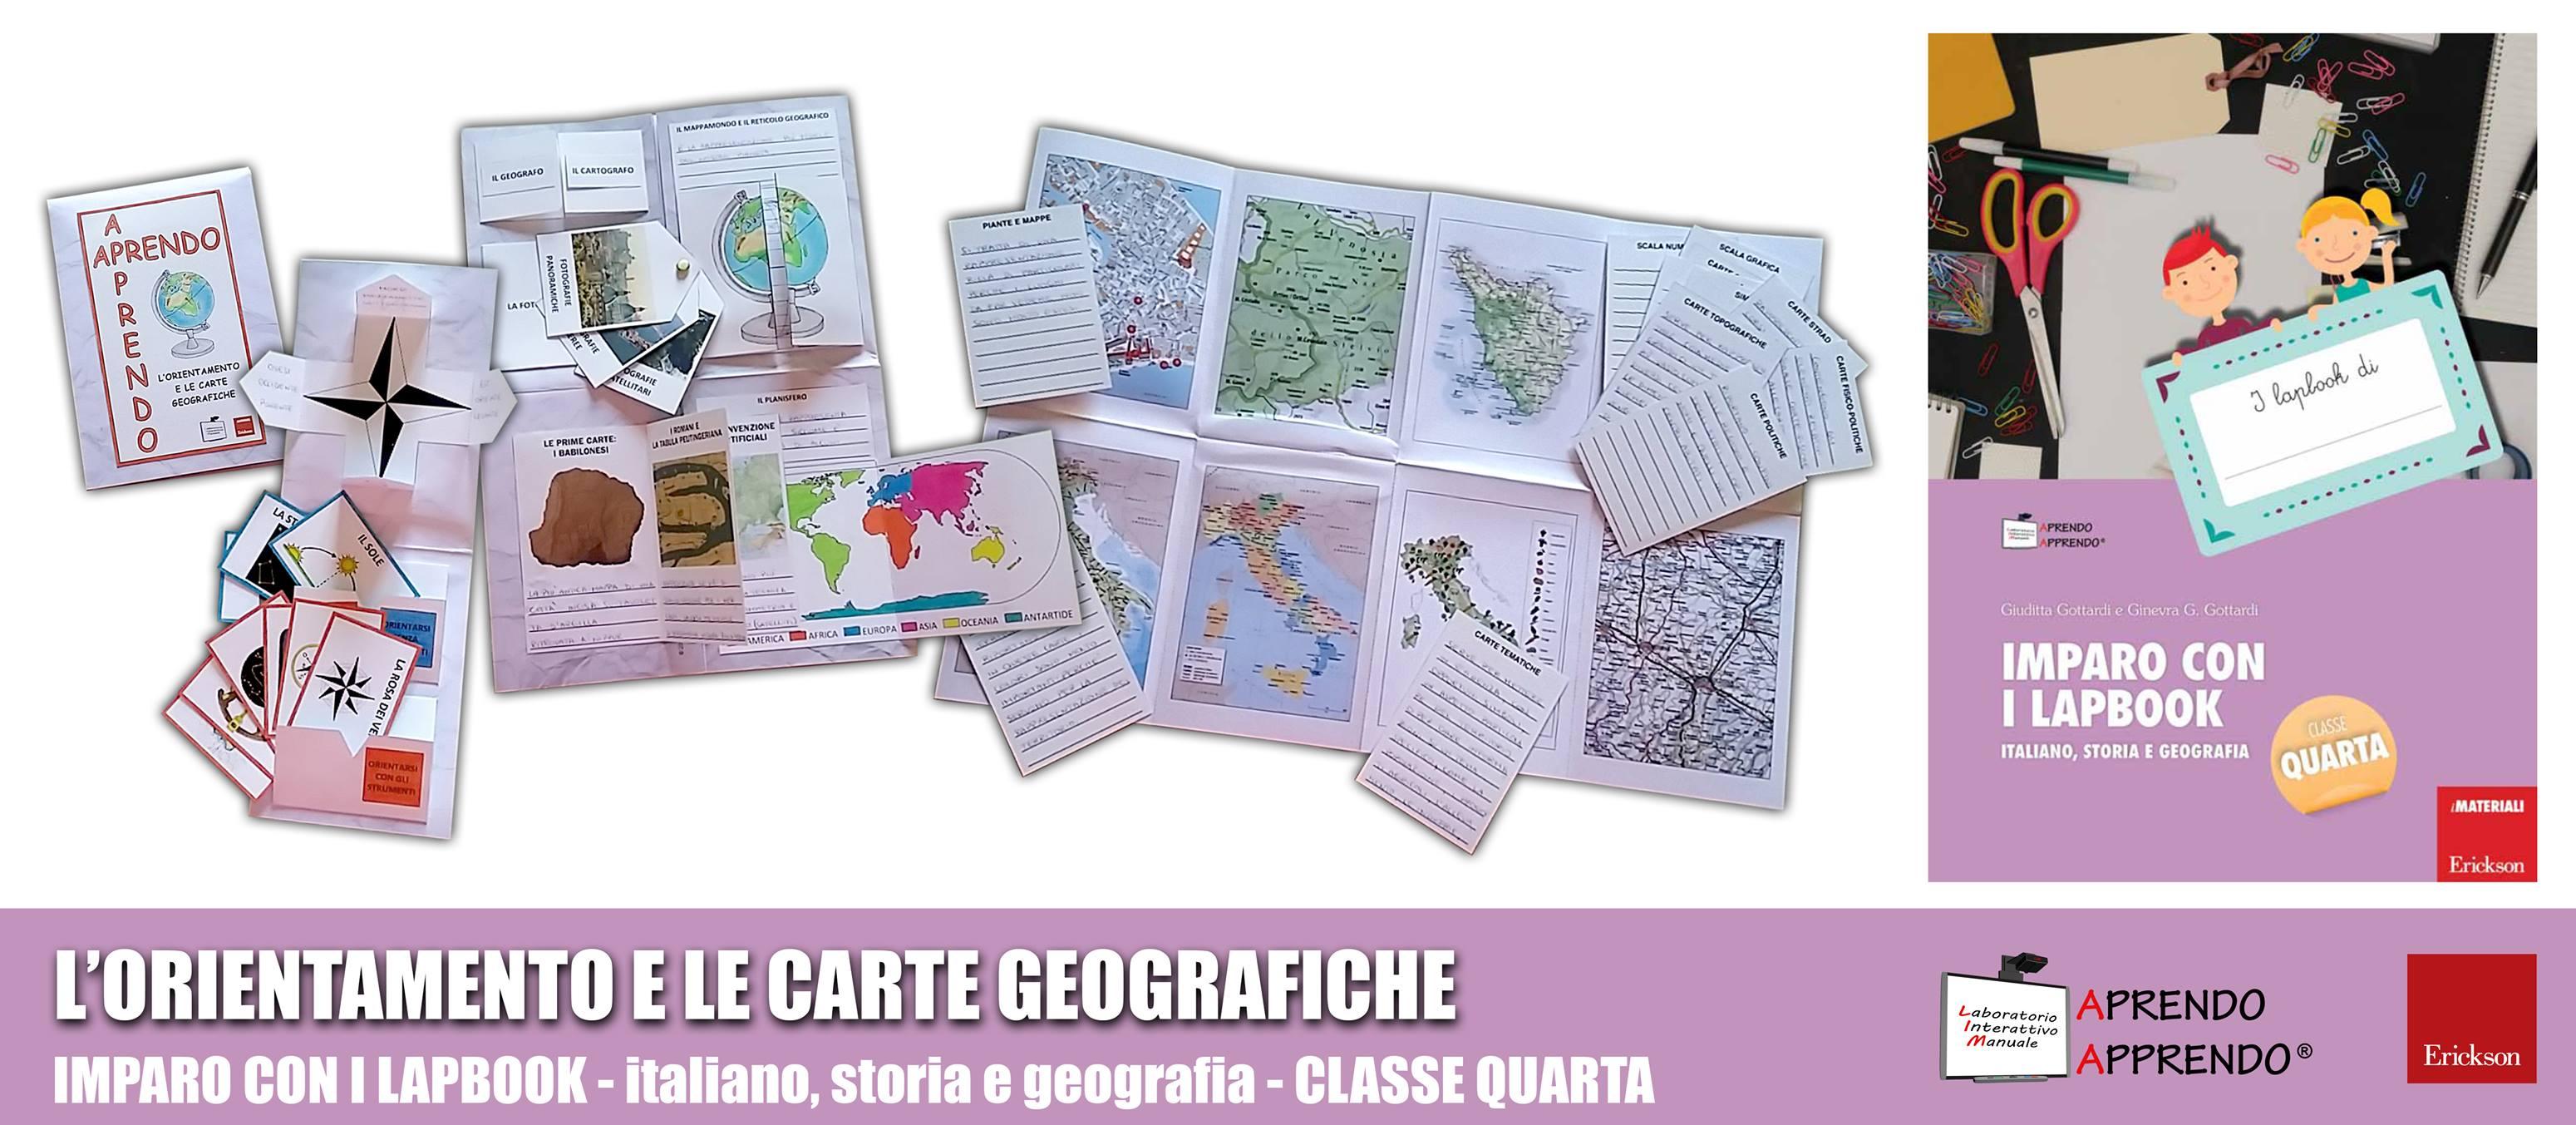 Lapbook Lorientamento E Le Carte Geografiche Aprendo Apprendo Lim